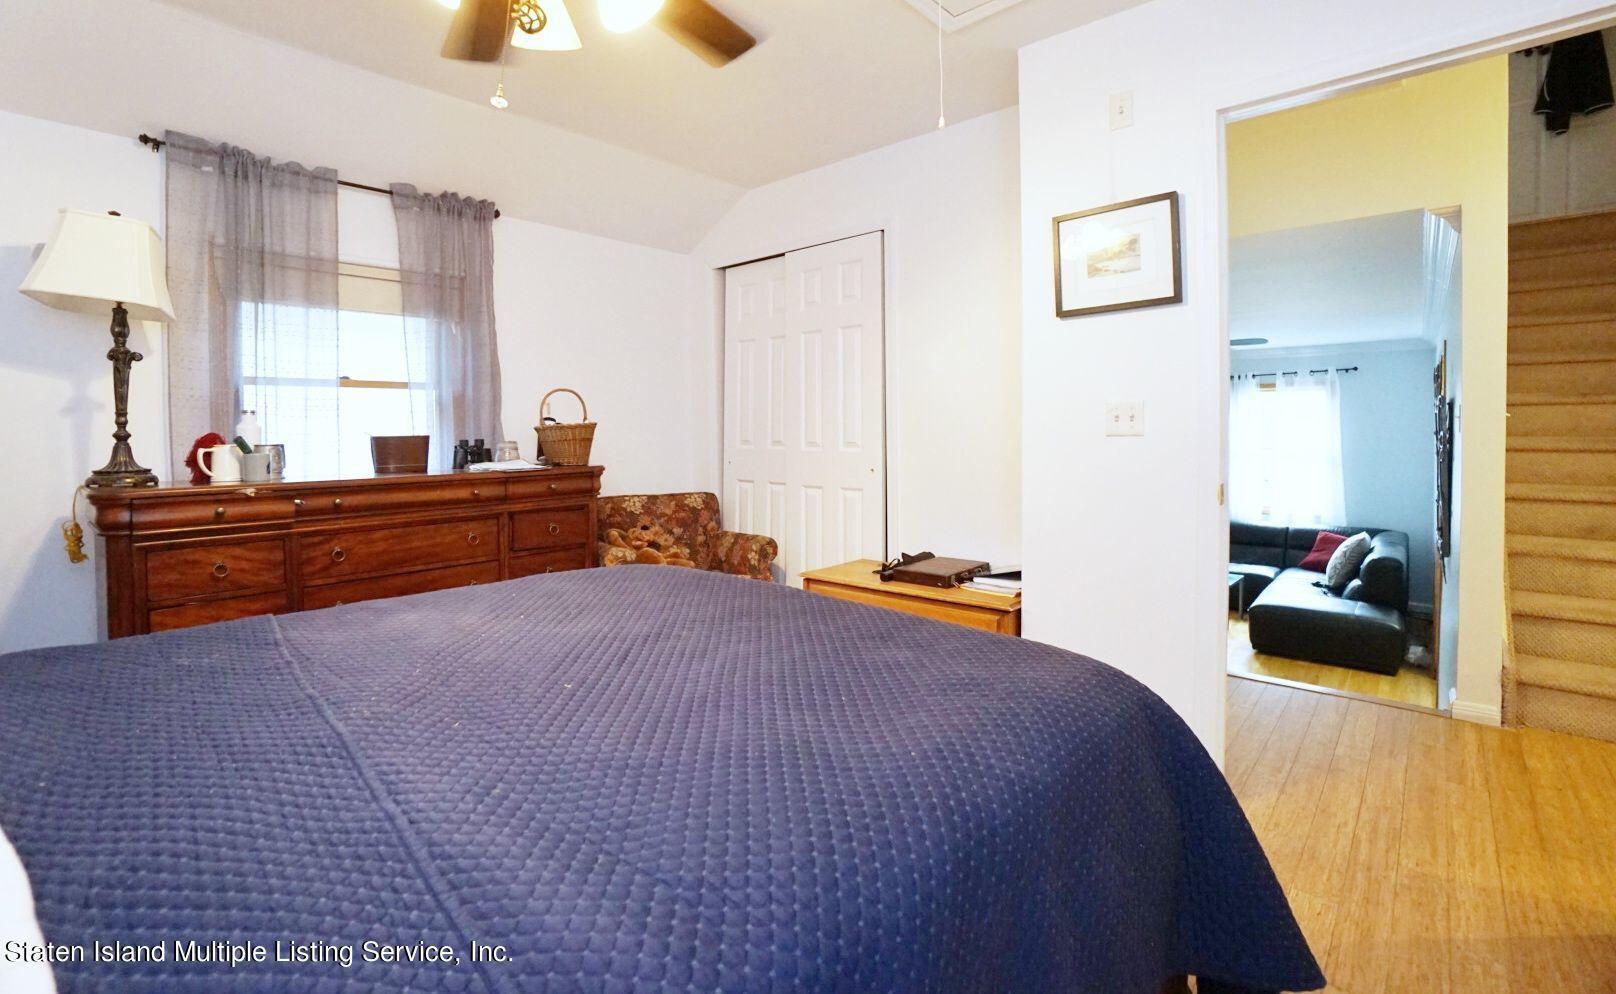 Single Family - Detached 311 Sharrott Avenue  Staten Island, NY 10309, MLS-1146042-31